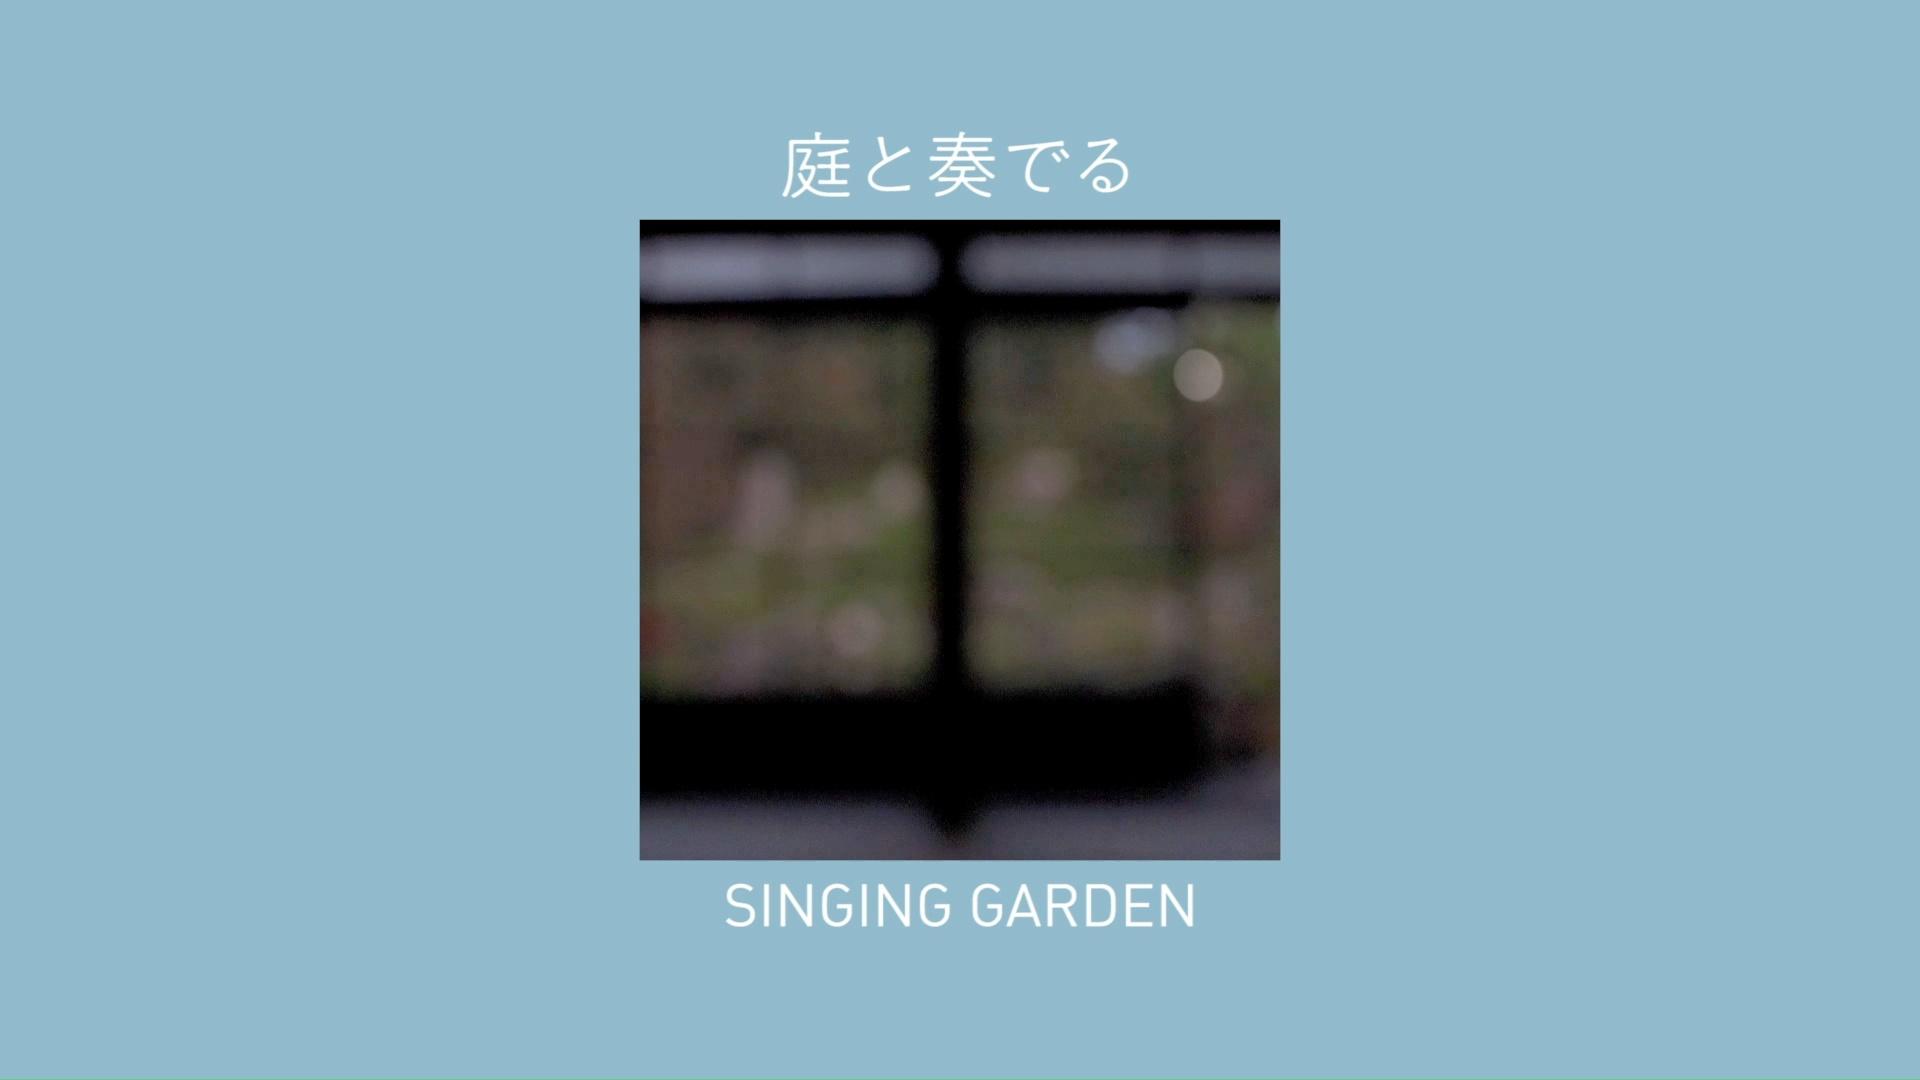 庭と奏でる [Singing Garden]003